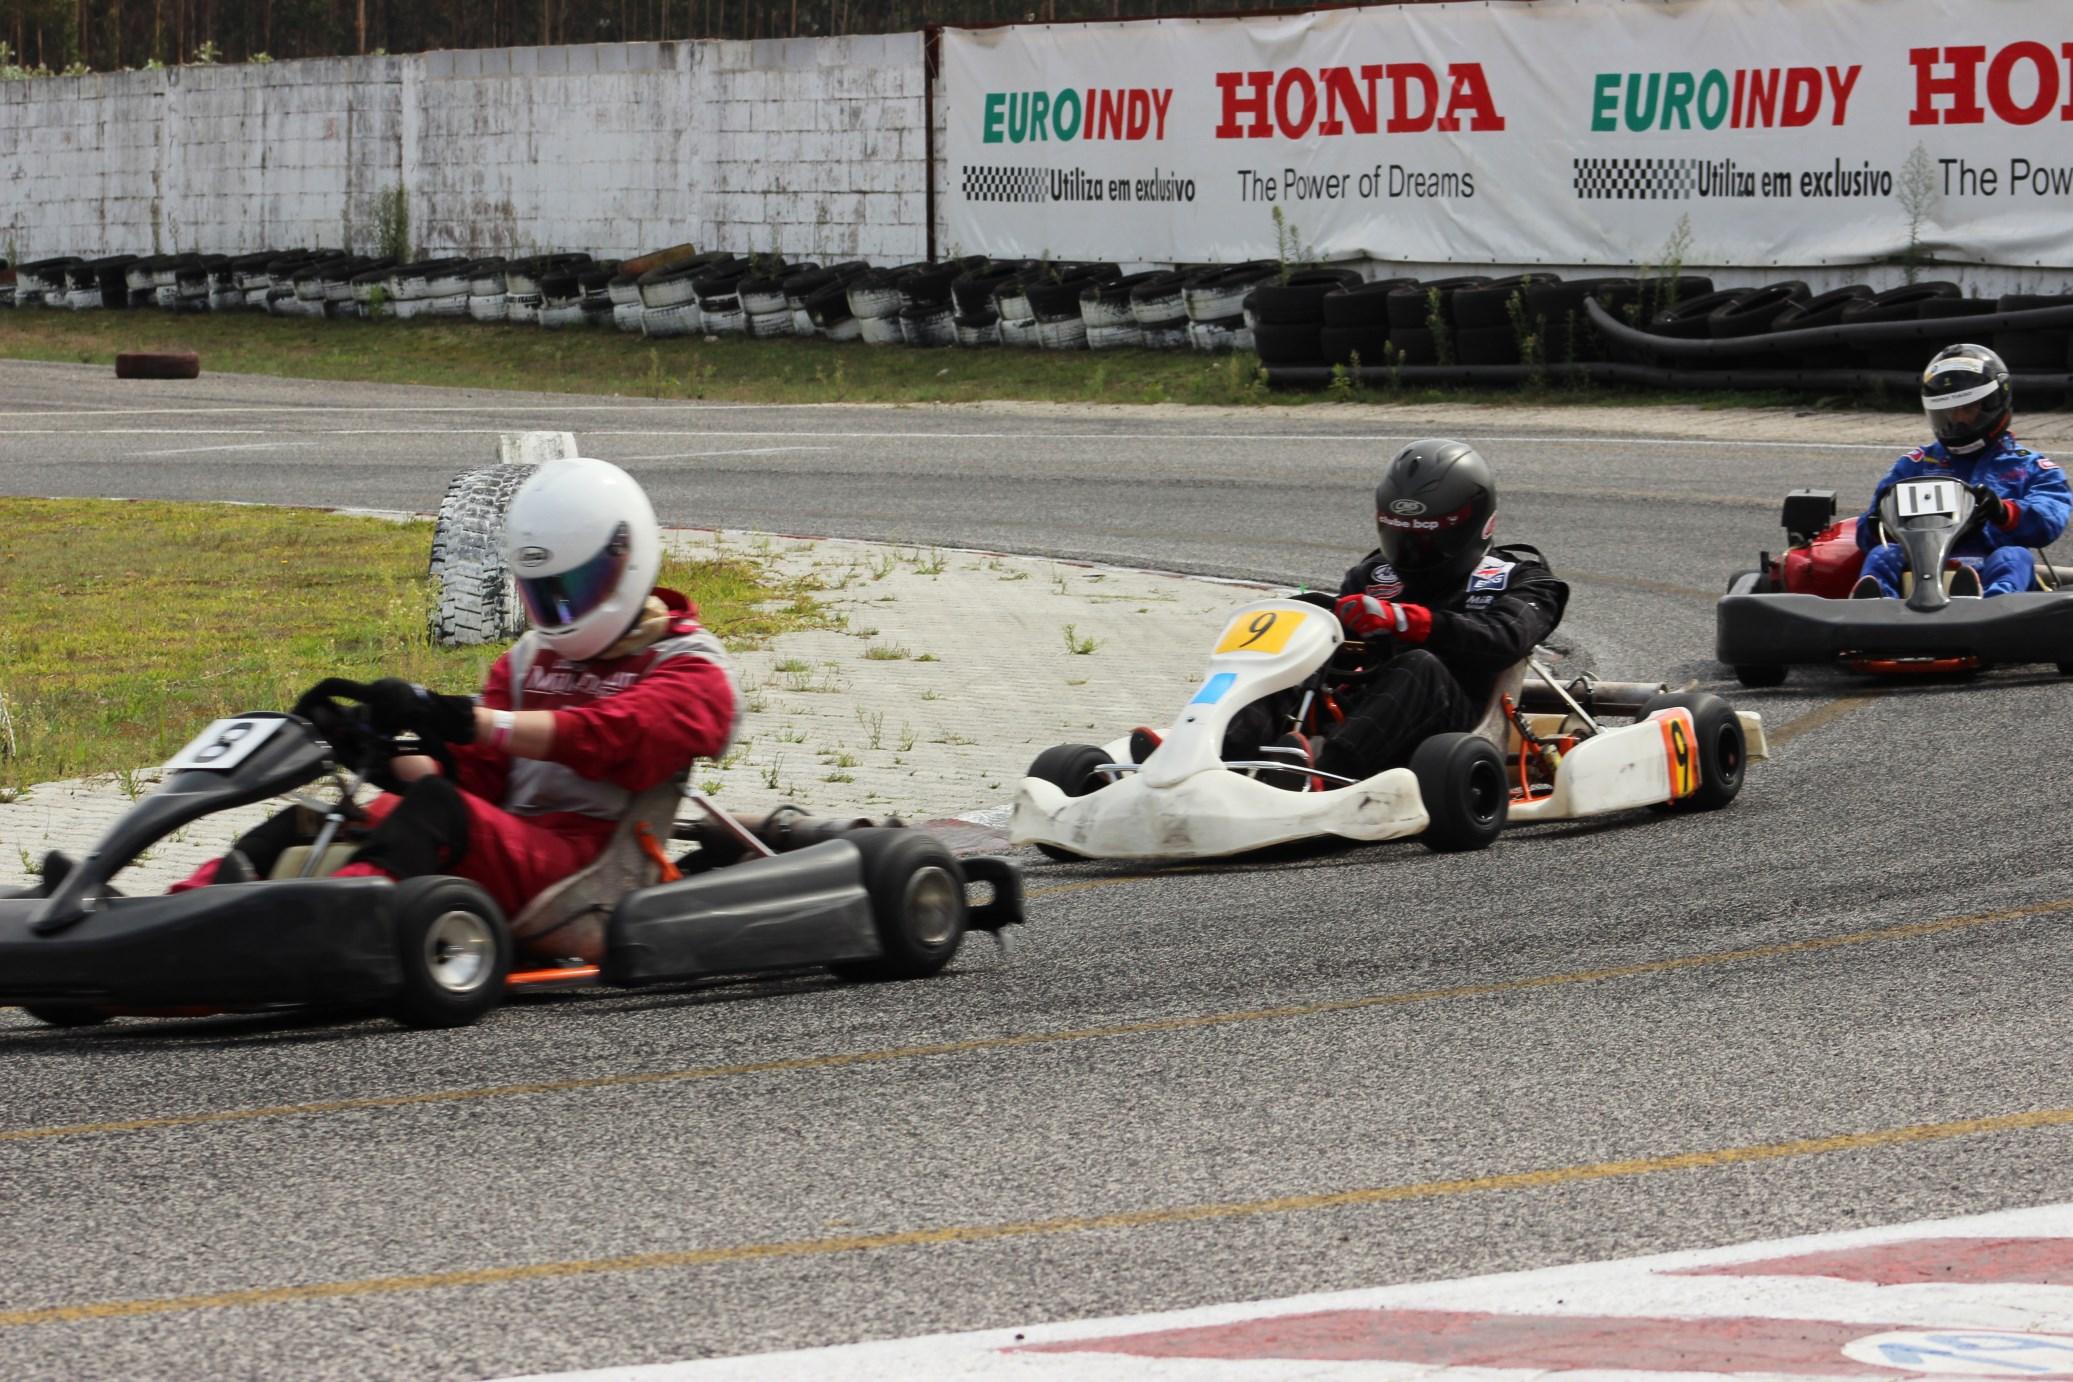 Troféu Honda 2014 - 3ª Prova214